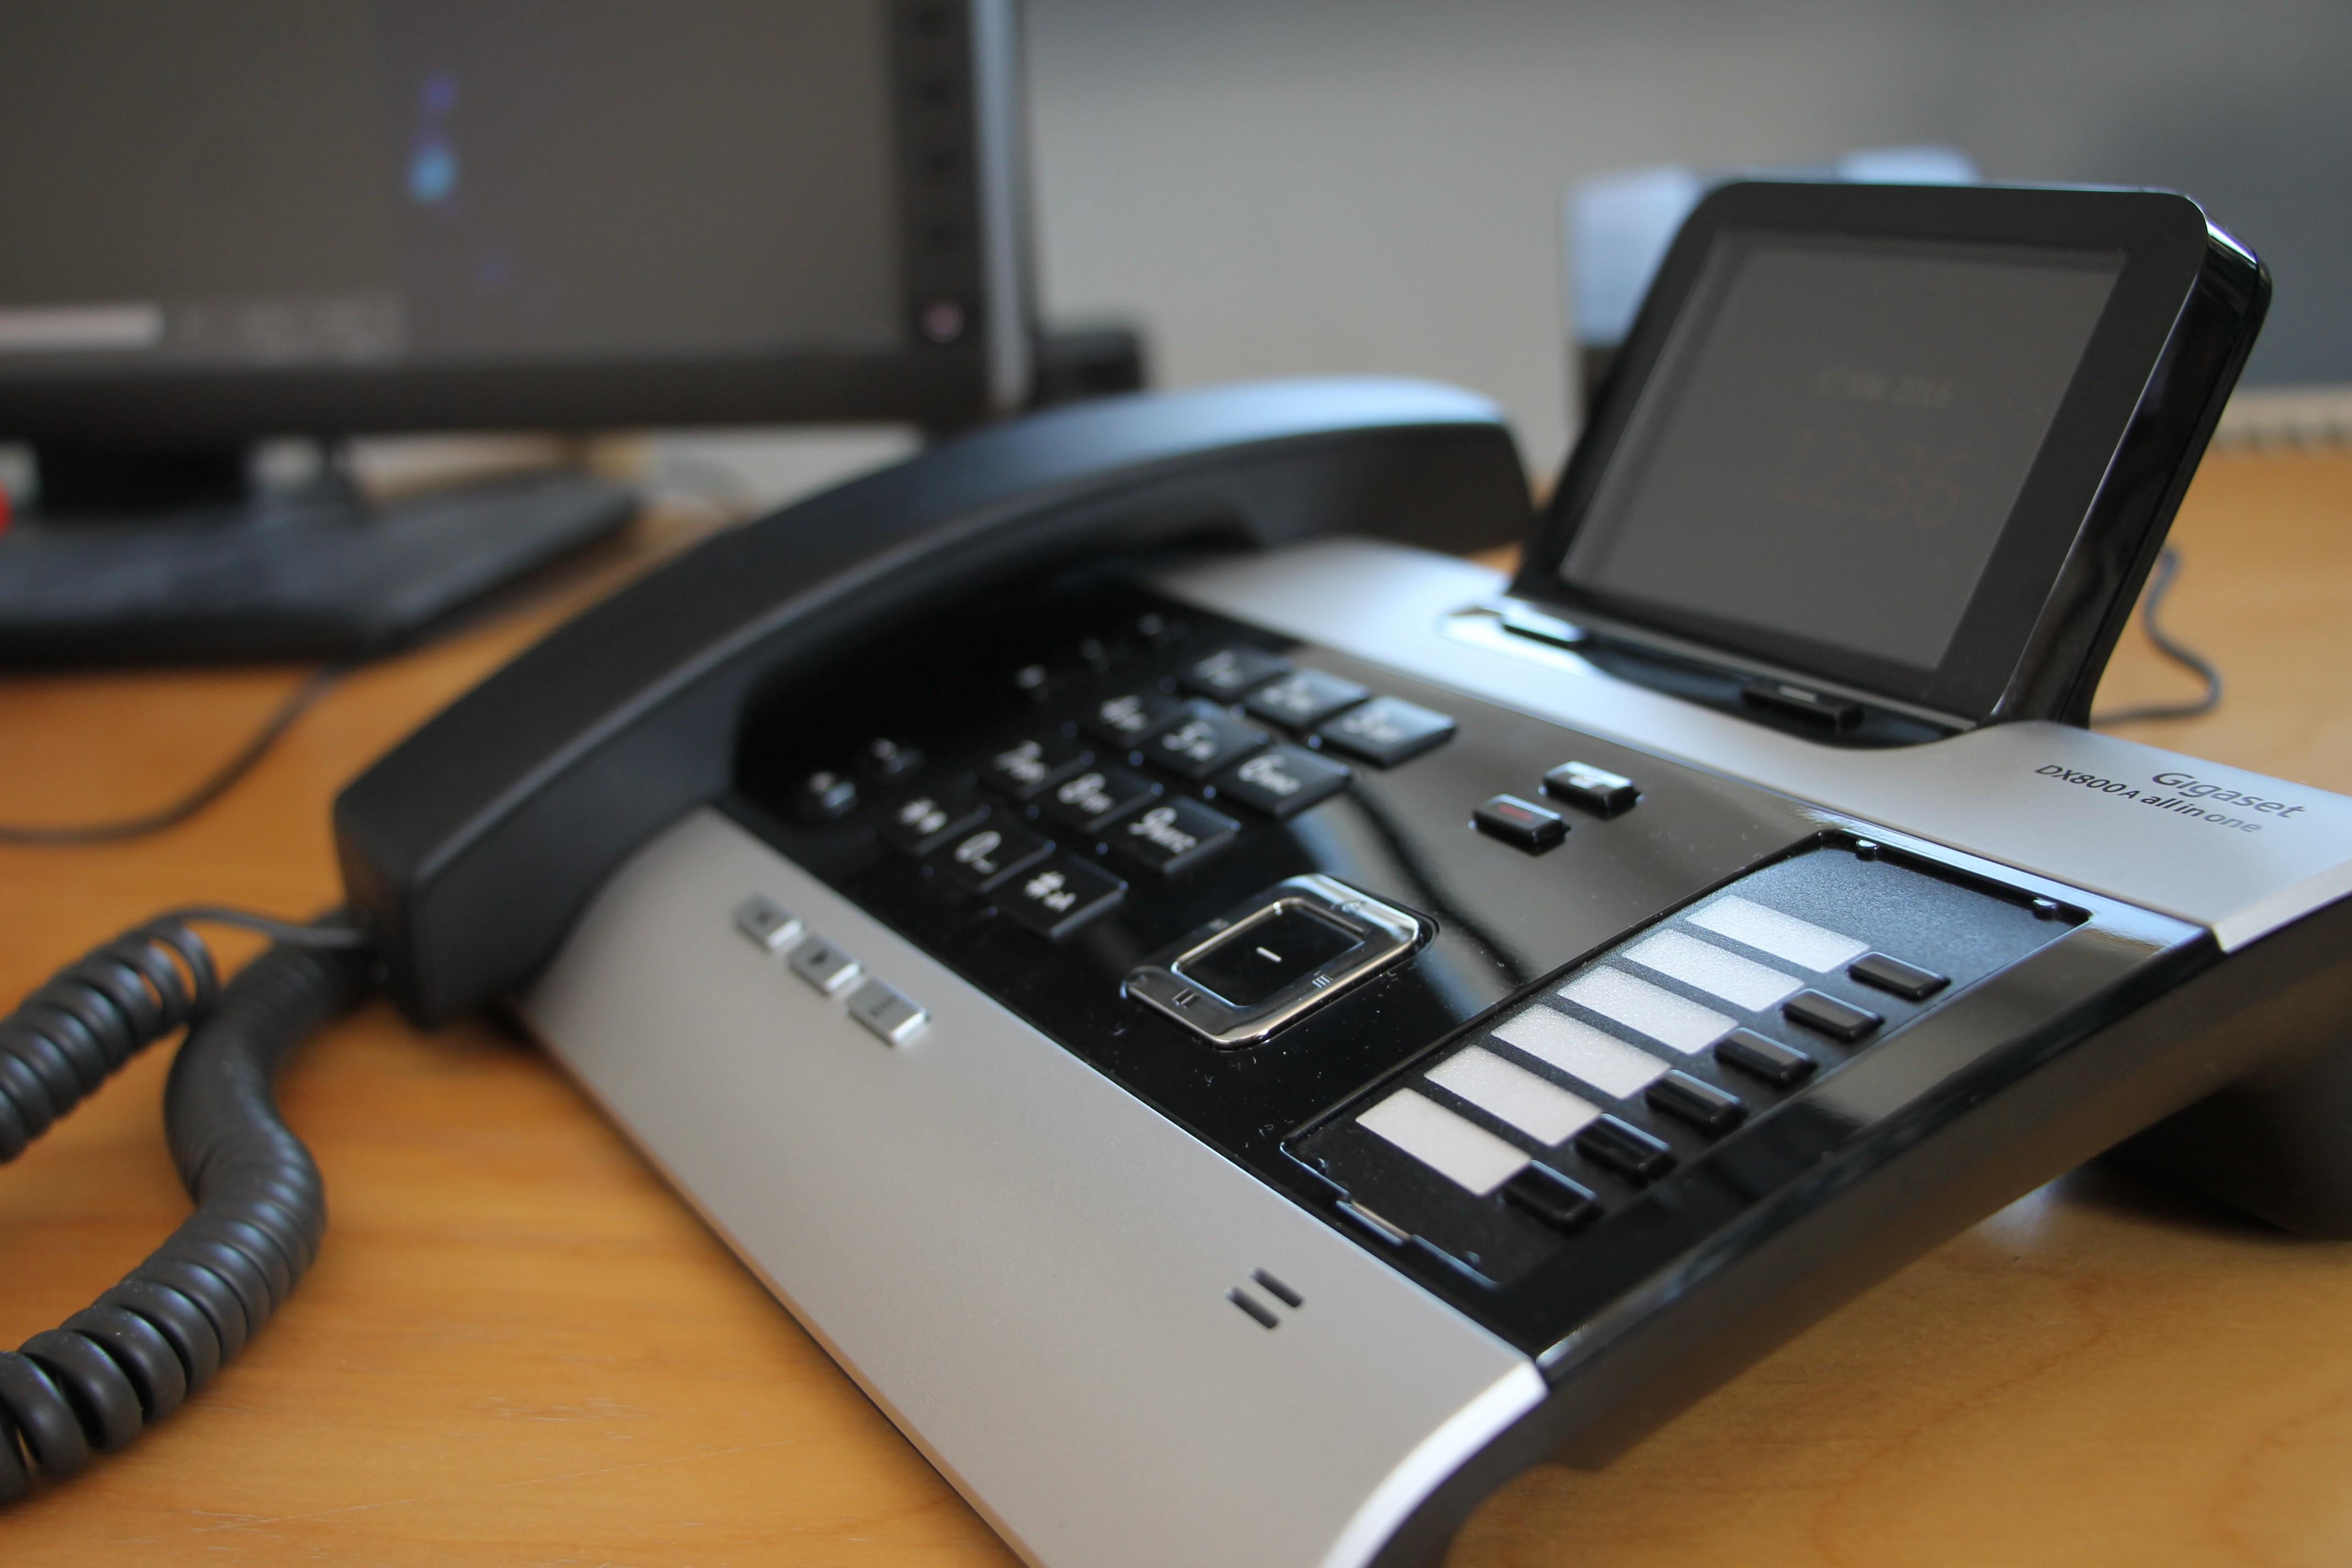 Die Telefonzentrale fürs Home-Office: Das Gigaset DX800 A all in one ...